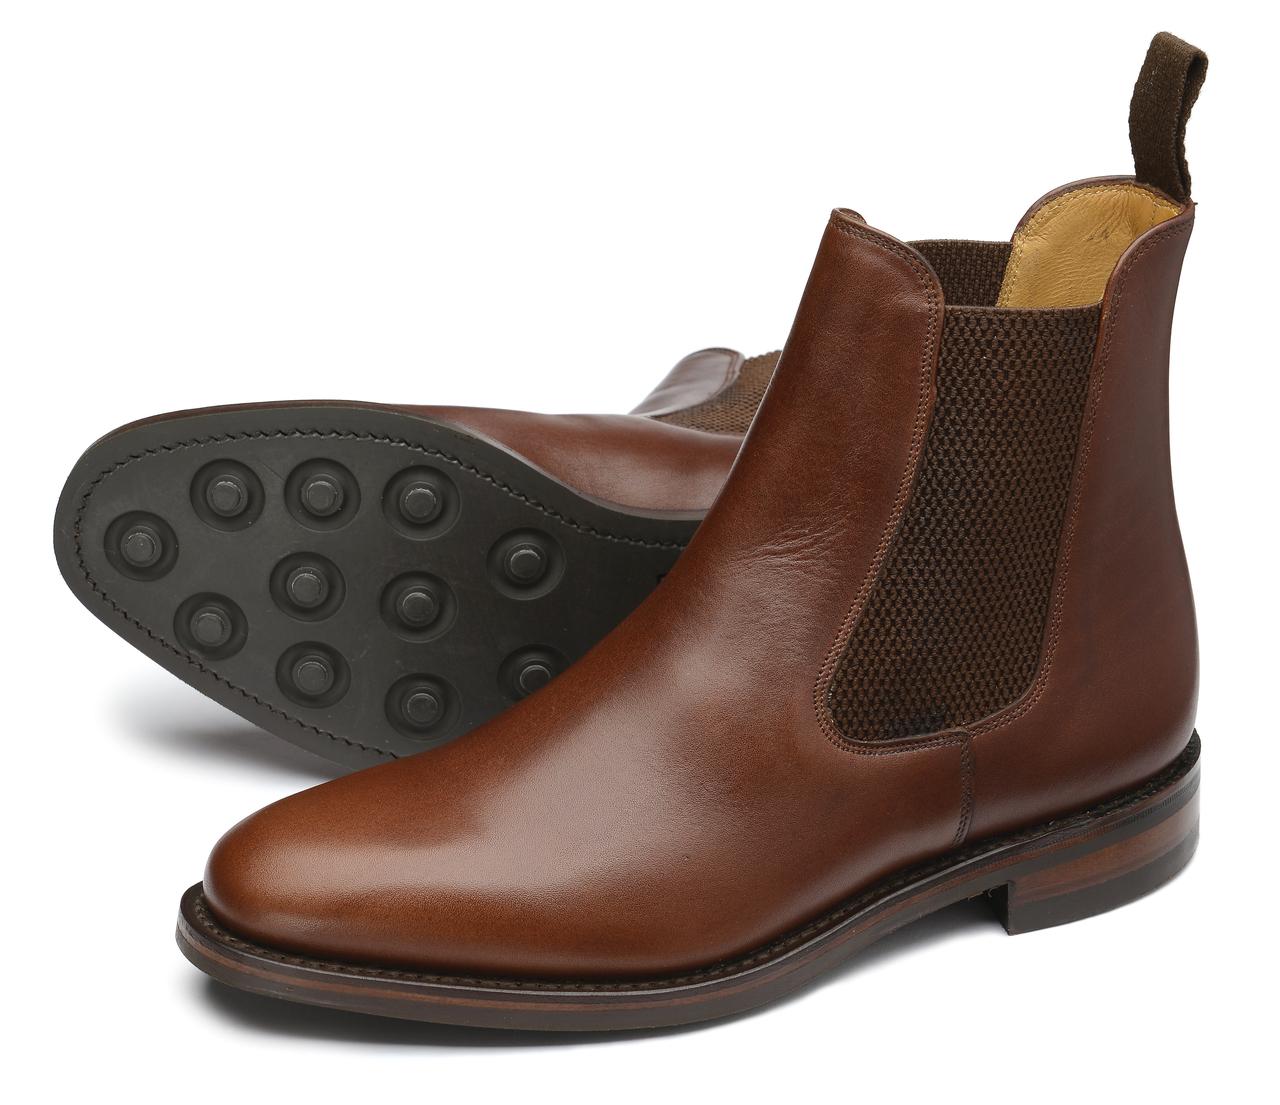 6a61f9e49ca Loake Blenheim Brown Leather - Sherman Brothers Inc